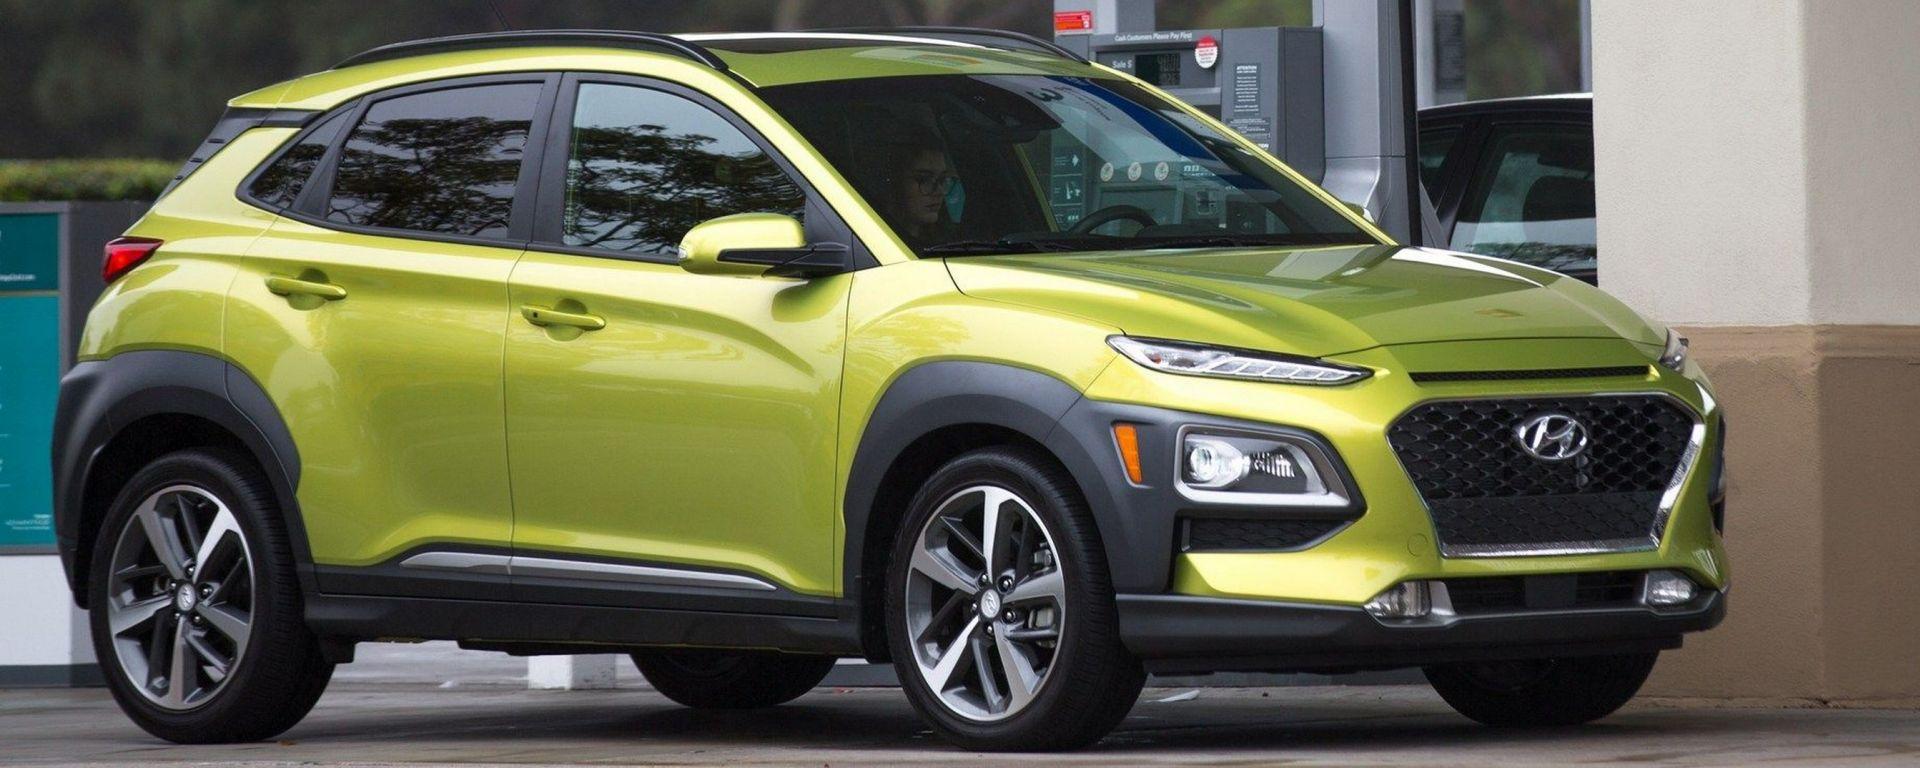 Hyundai: ora paghi dall'auto cibo, rifornimento e parcheggio